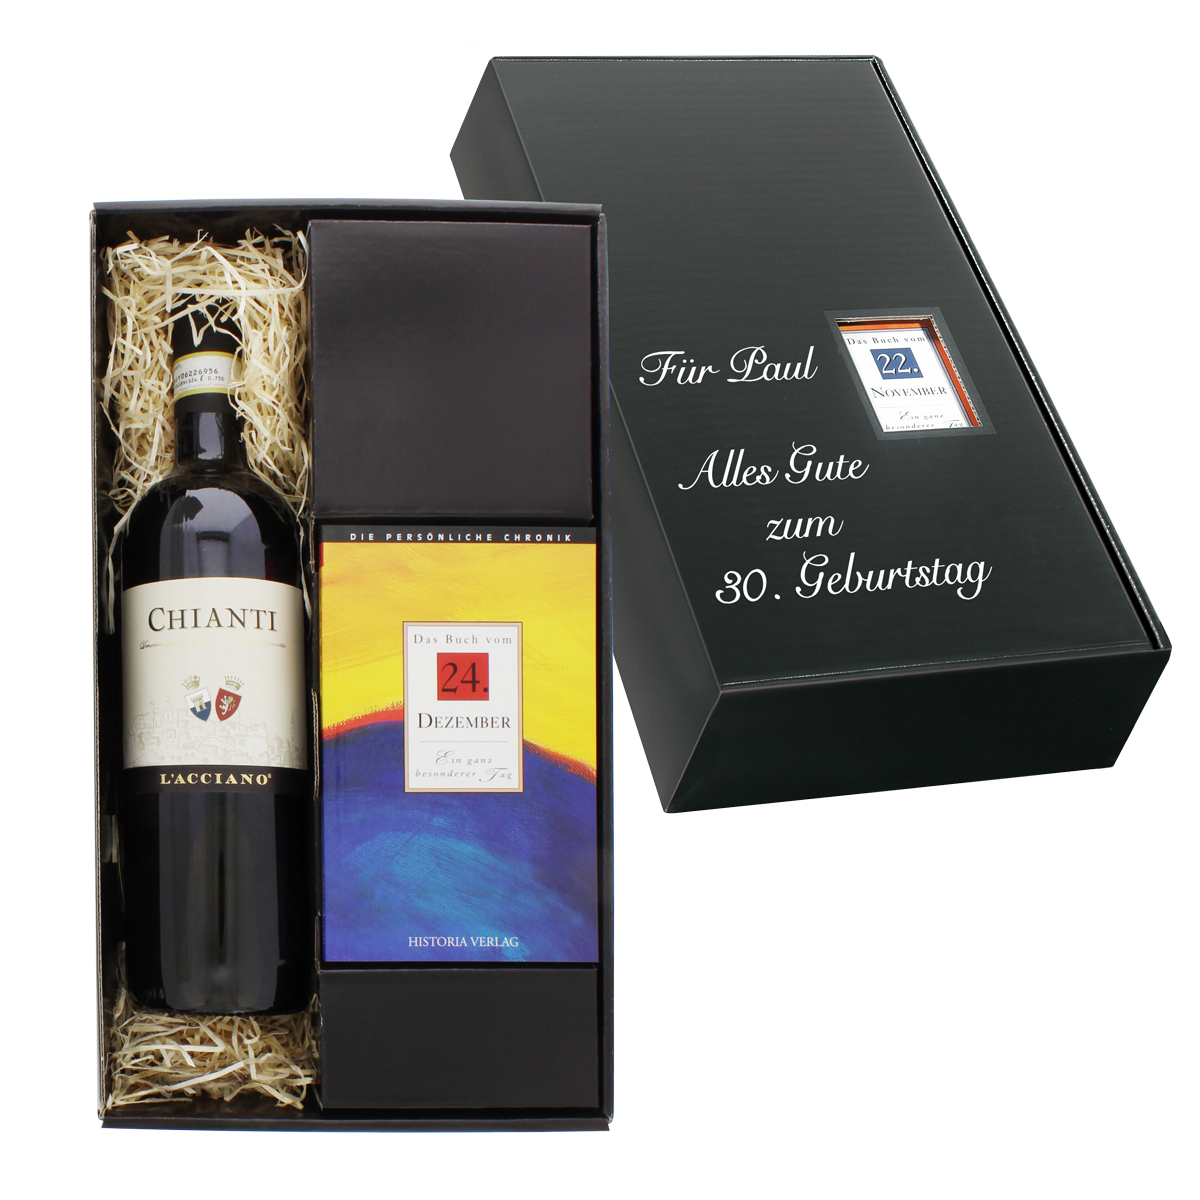 Italien-Set: Tageschronik vom 10. Oktober & Chianti-Wein